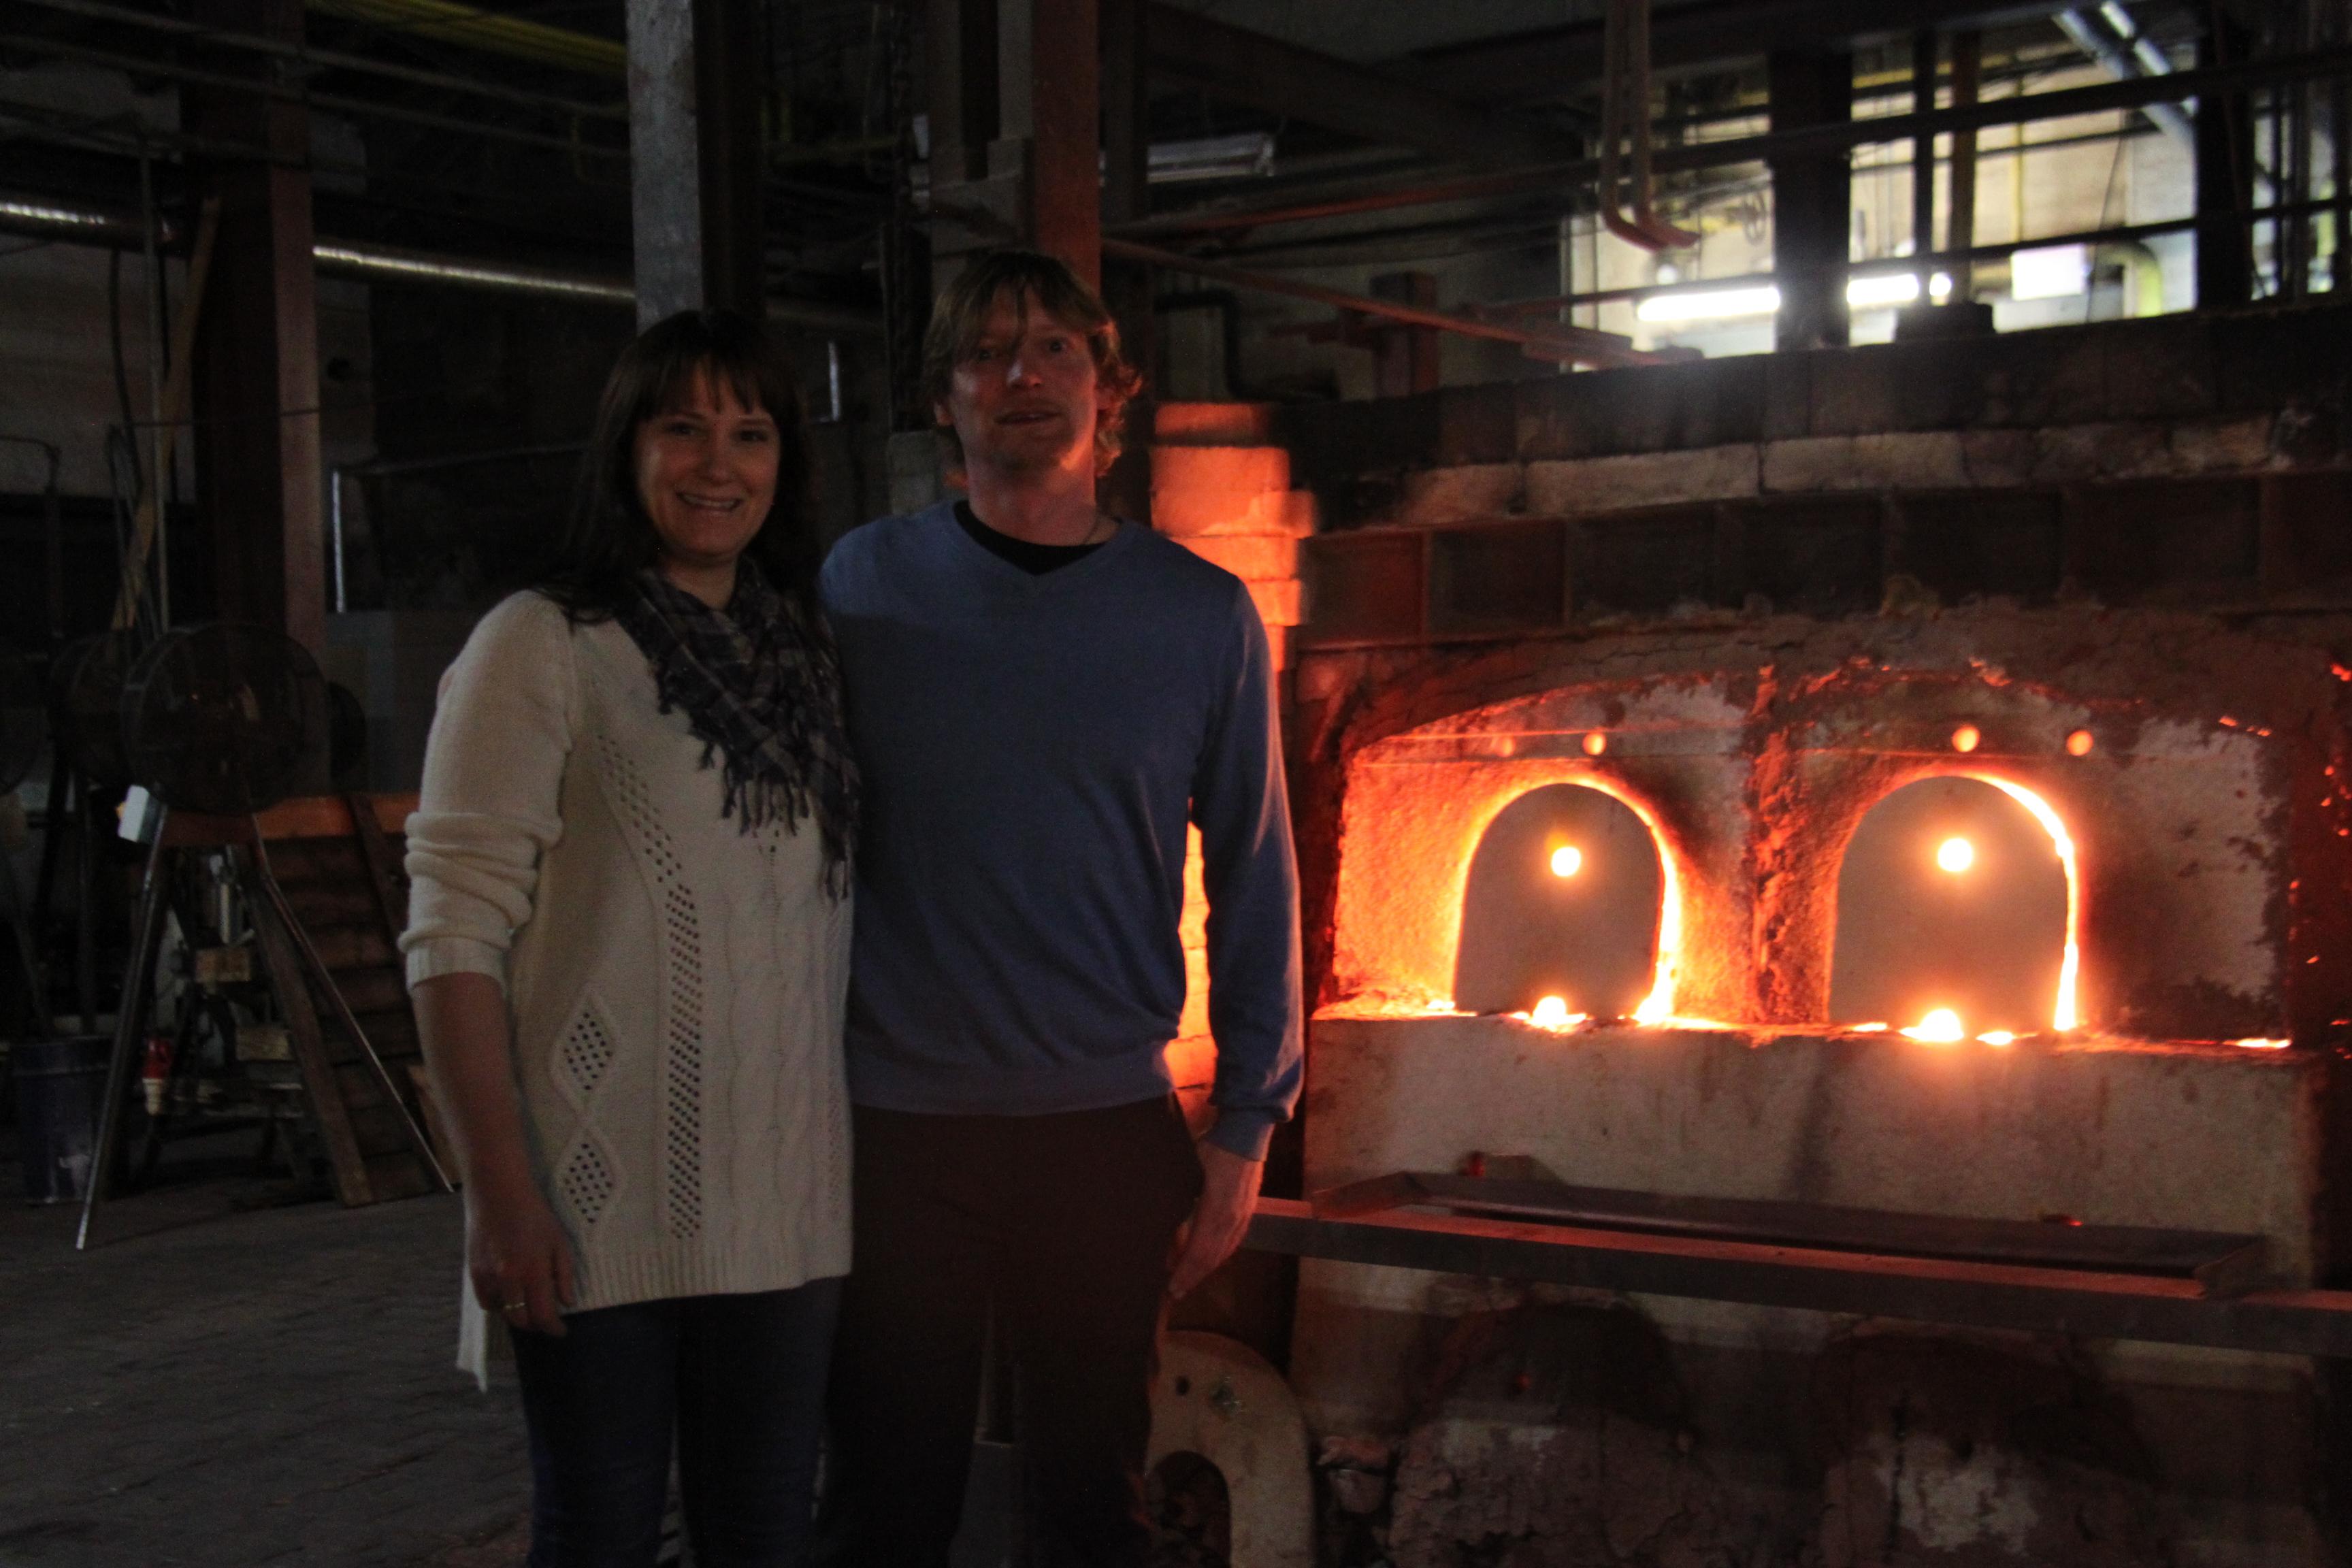 Anette og Even under besøket på glassfabrikken i 2014.